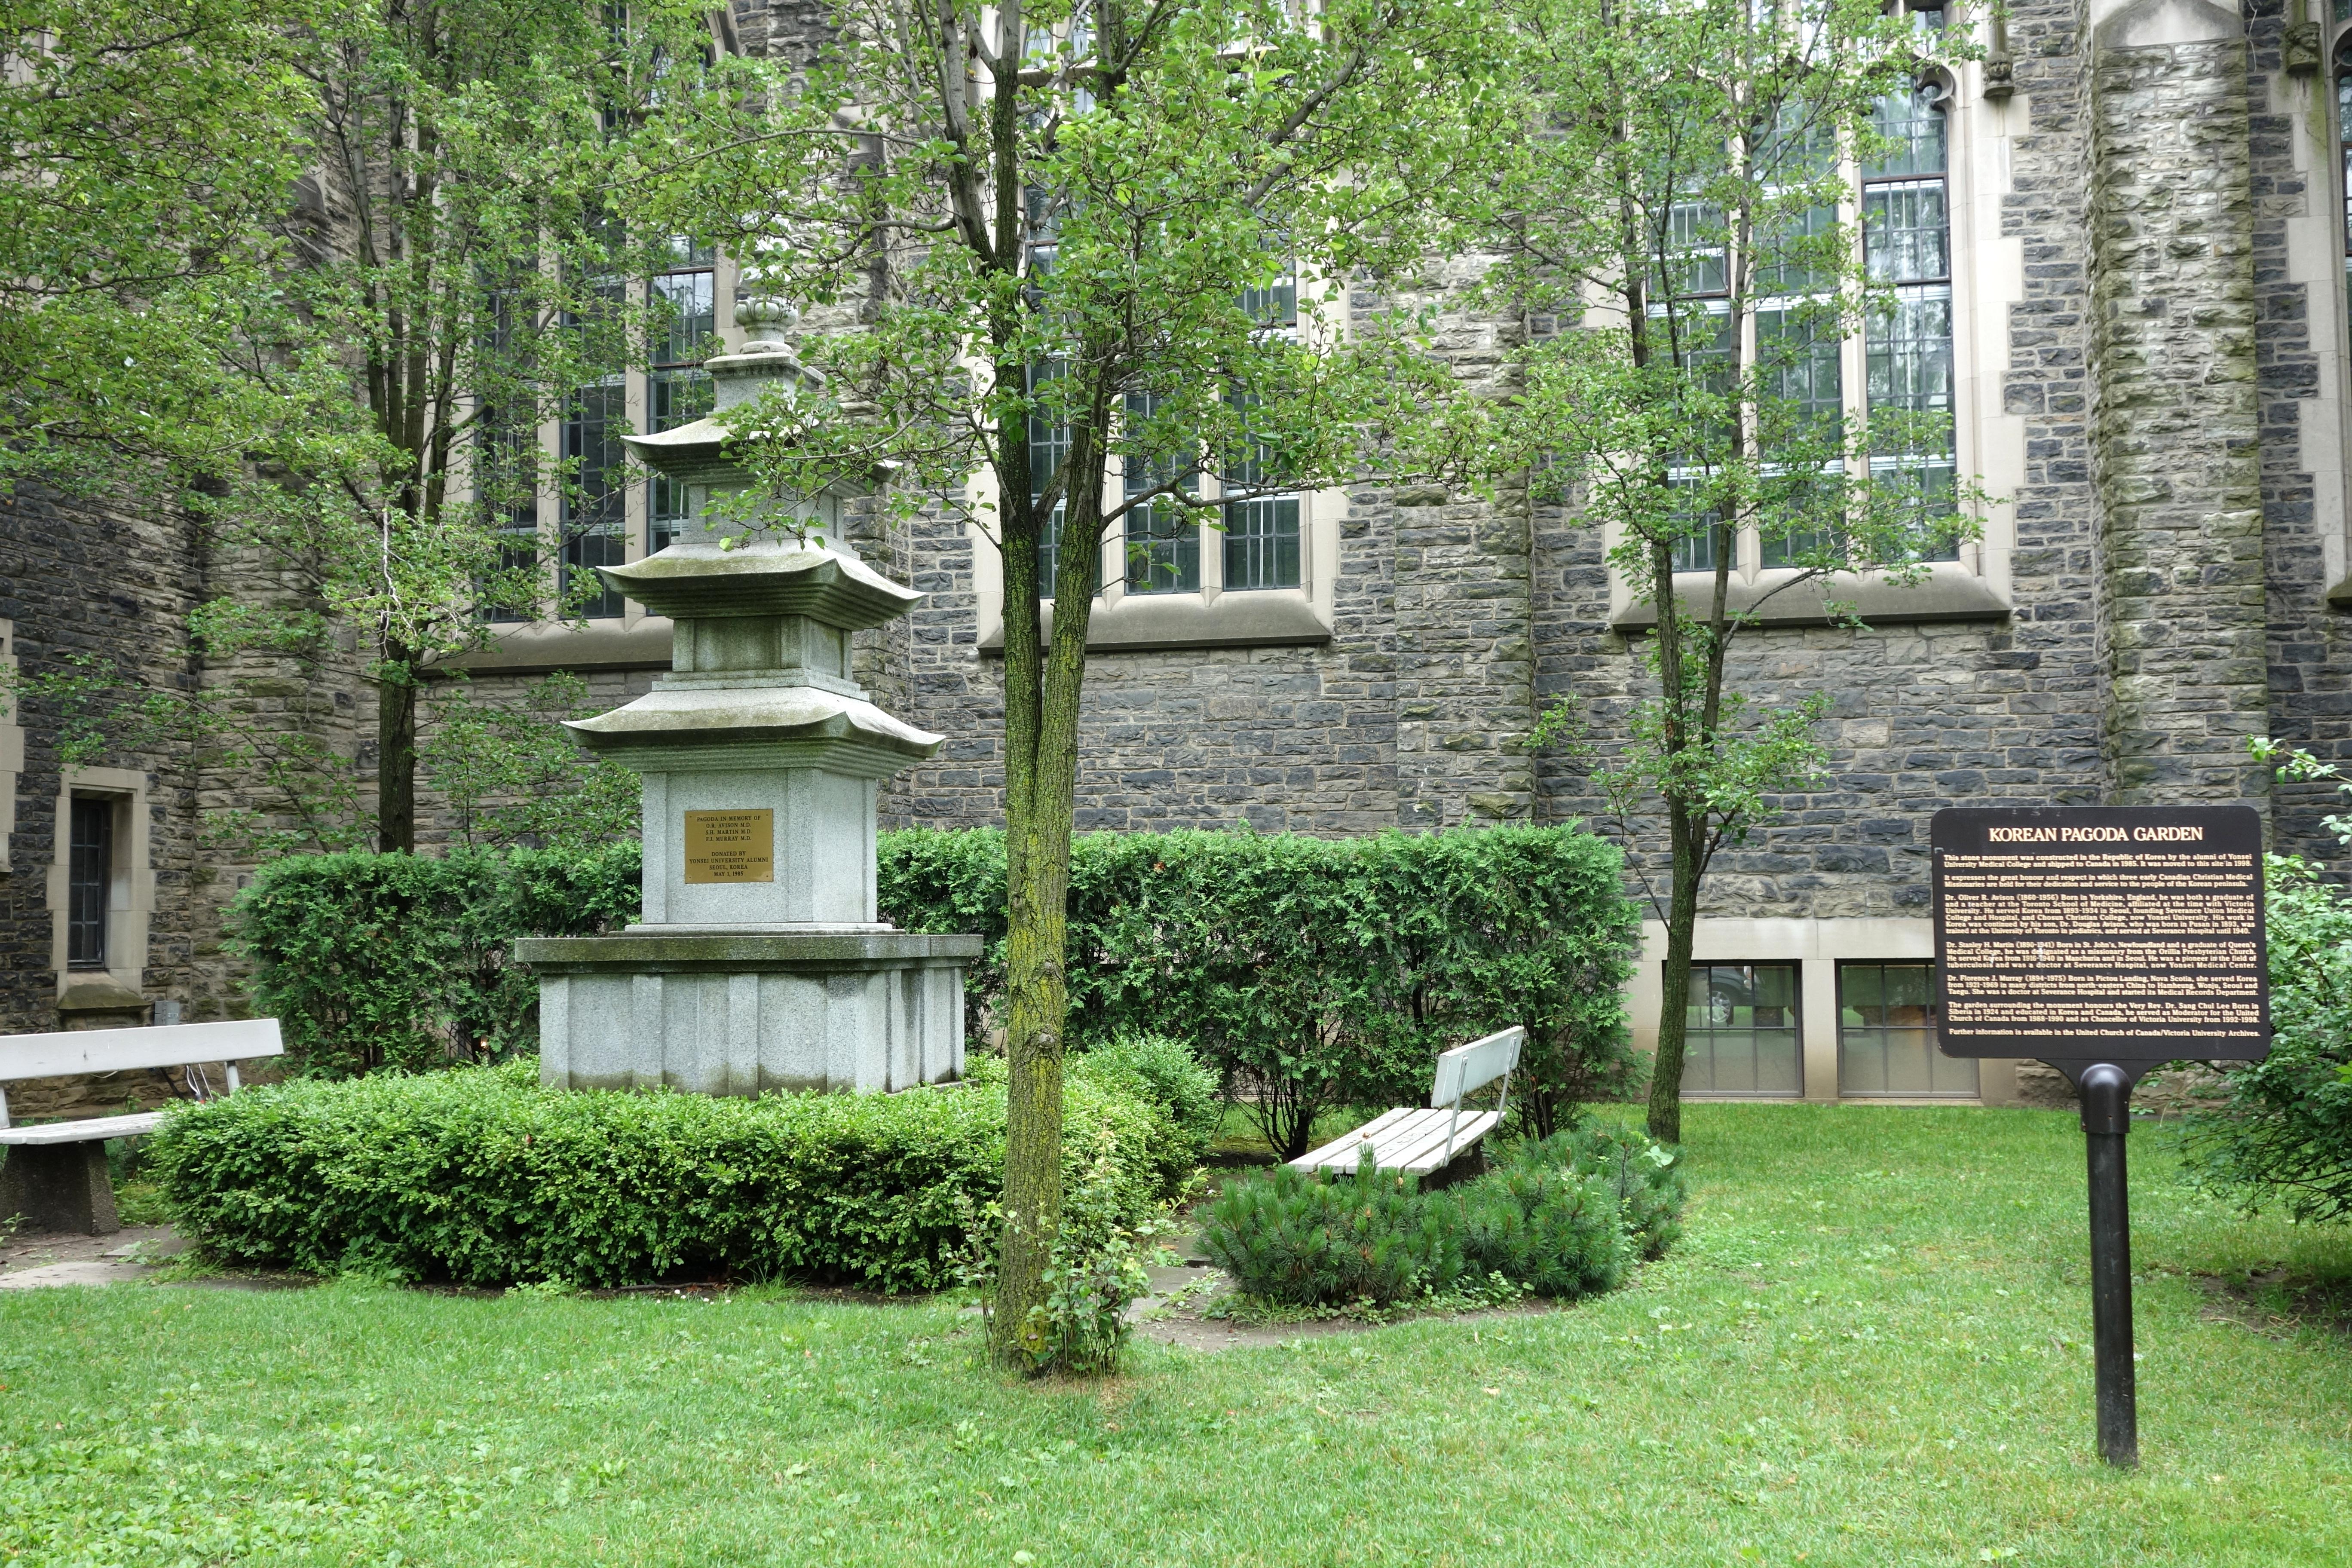 File:Korean Pagoda Garden   University Of Toronto   DSC00781.JPG